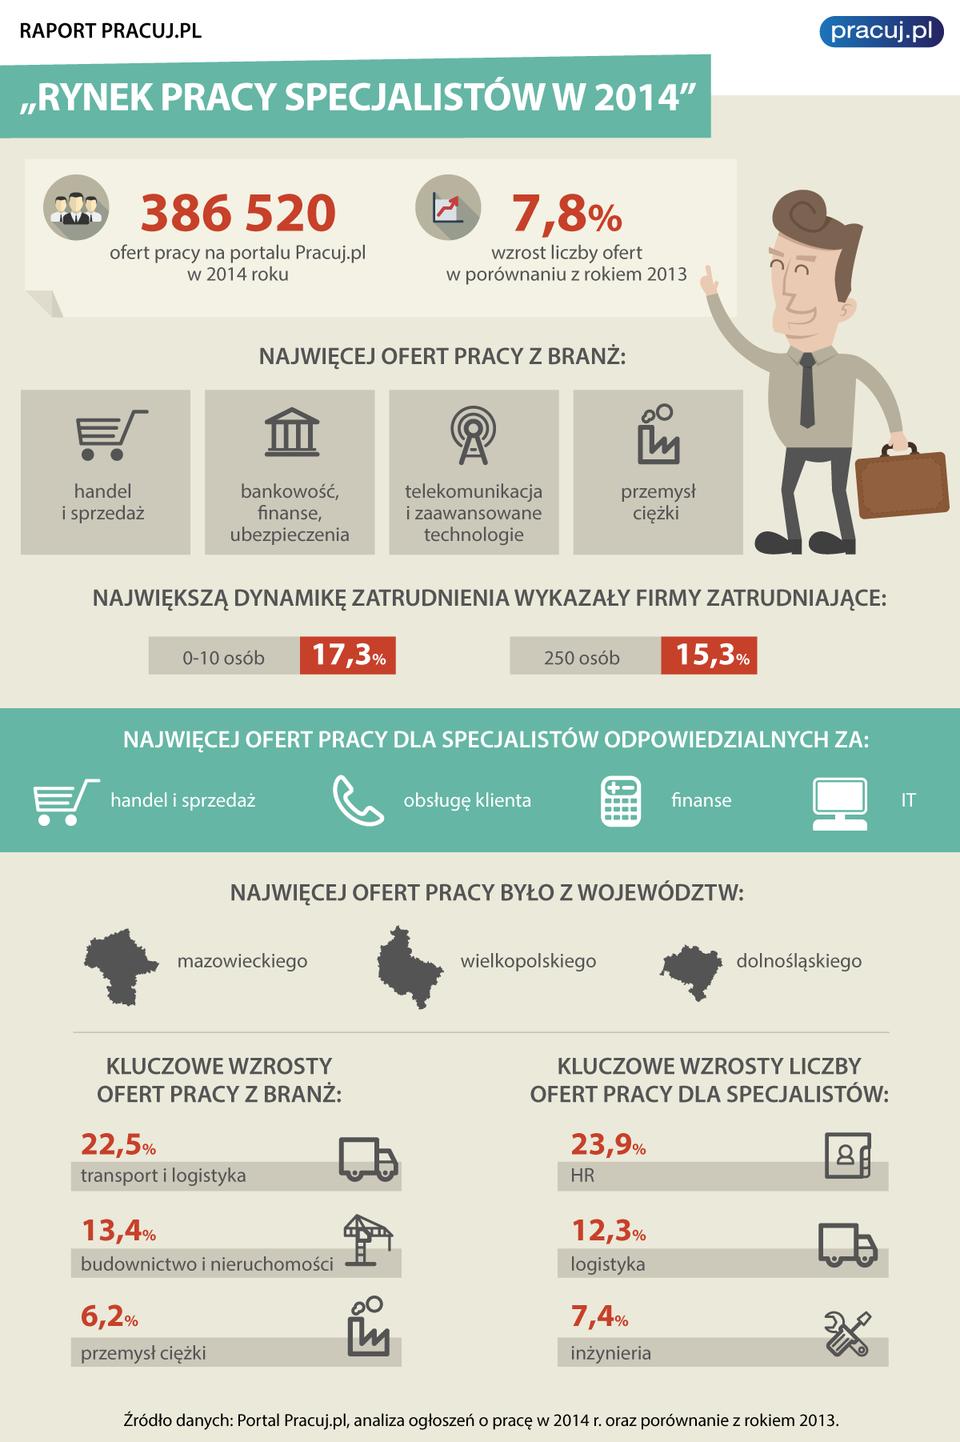 rynek_pracy_specjalistow_w_2014_infografika.png